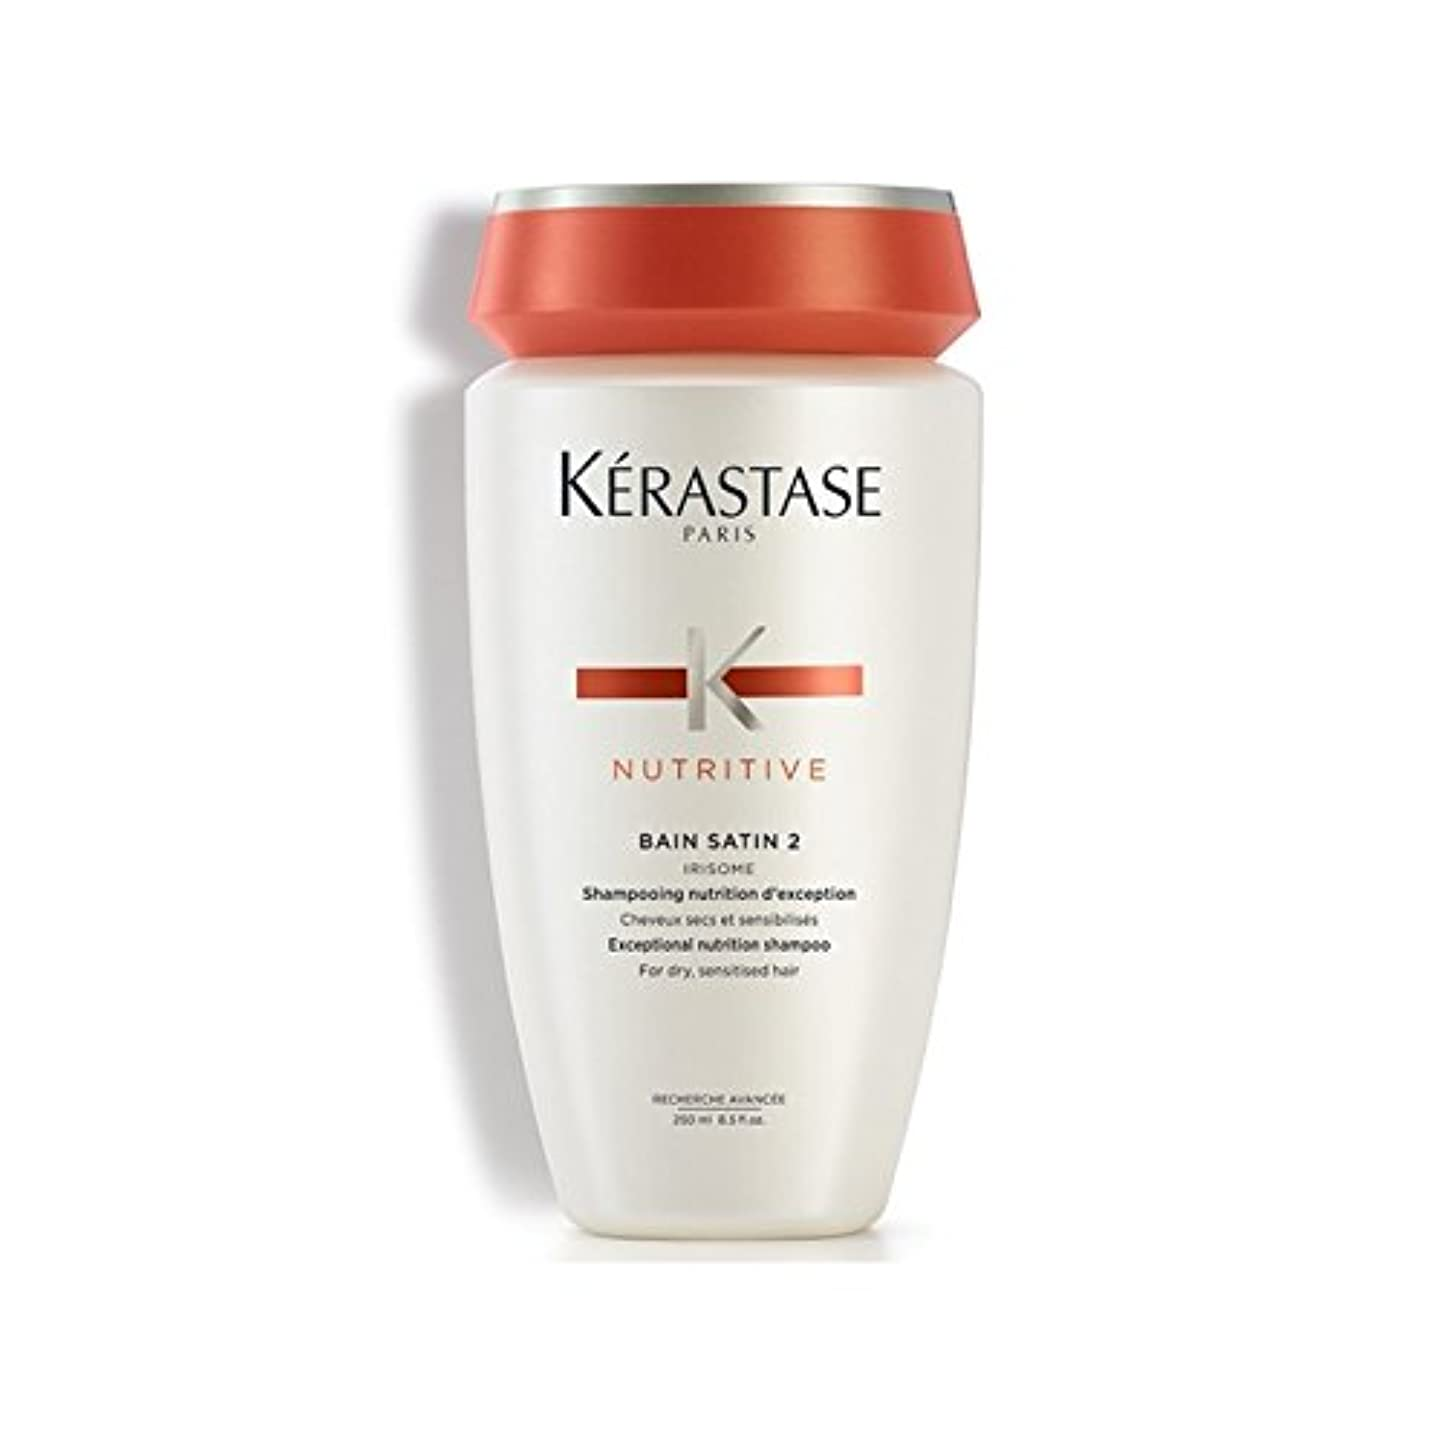 ローラー君主制思春期ケラスターゼ栄養ベインサテン2 250ミリリットル x2 - K?rastase Nutritive Bain Satin 2 250ml (Pack of 2) [並行輸入品]